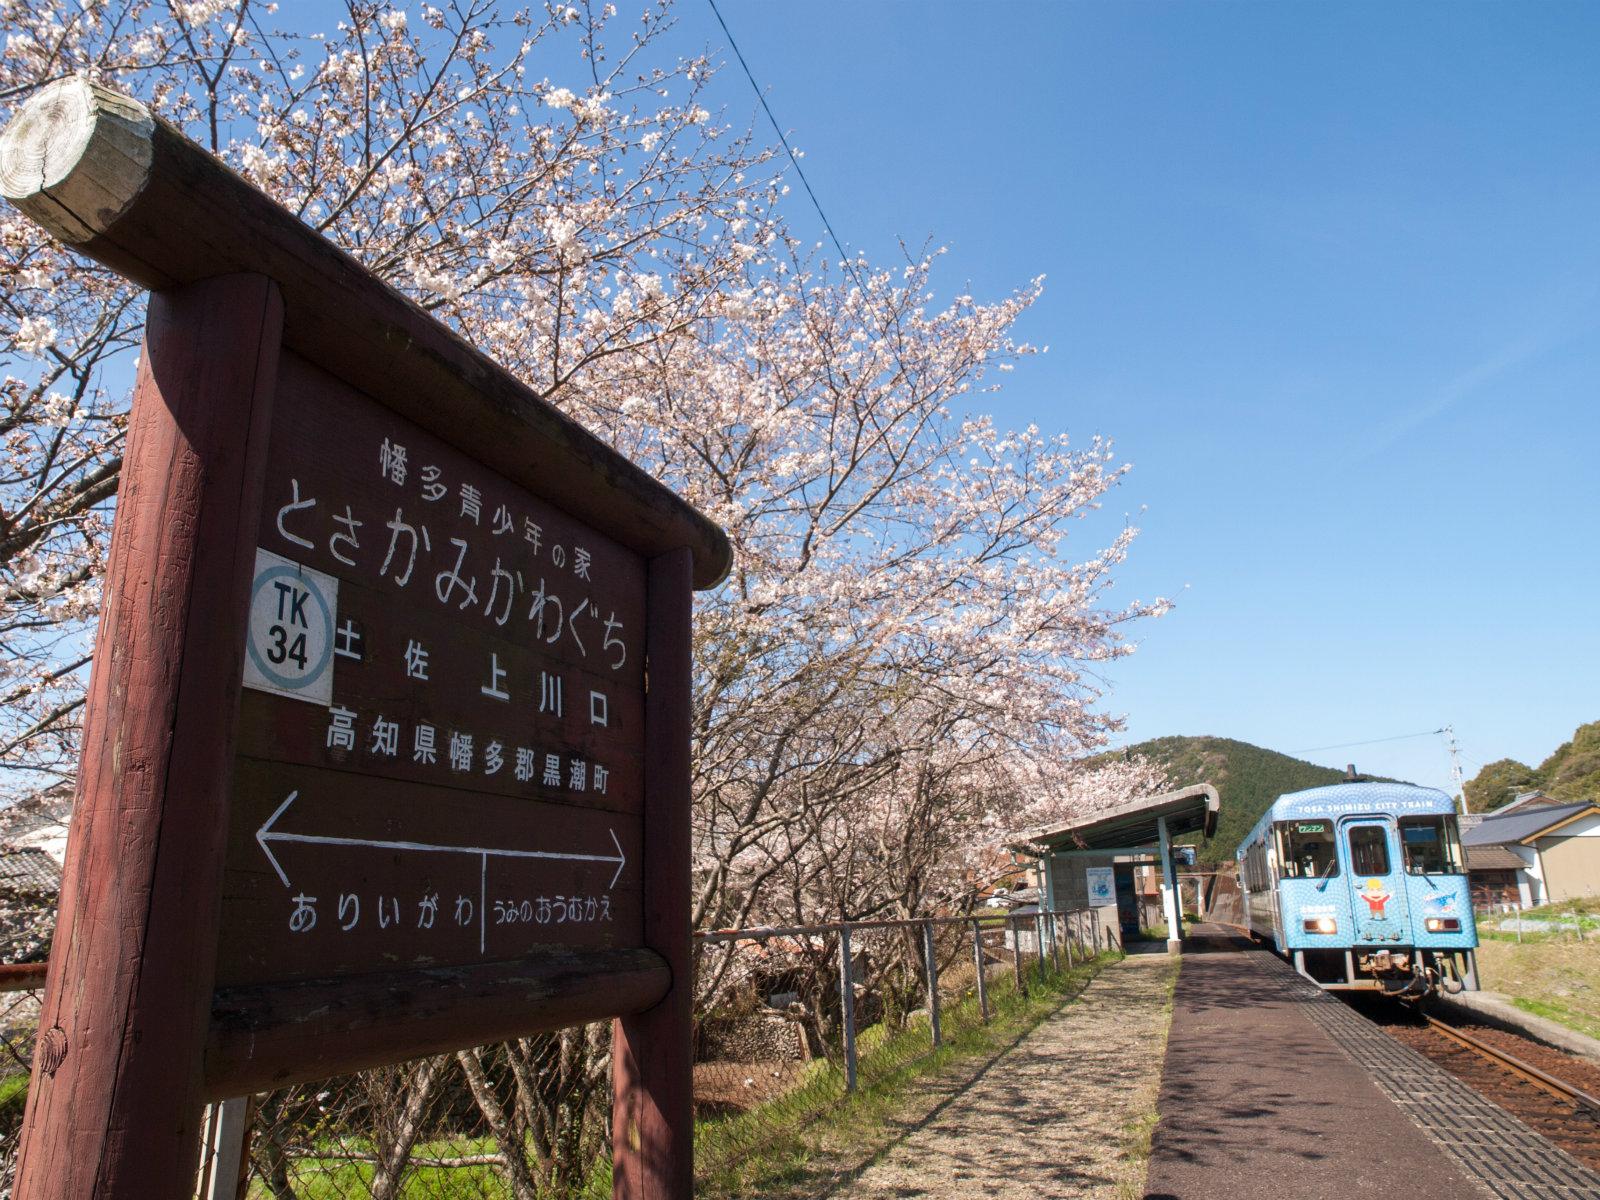 海の見える駅の多い中村線。次の列車で次の駅へと向かいます。